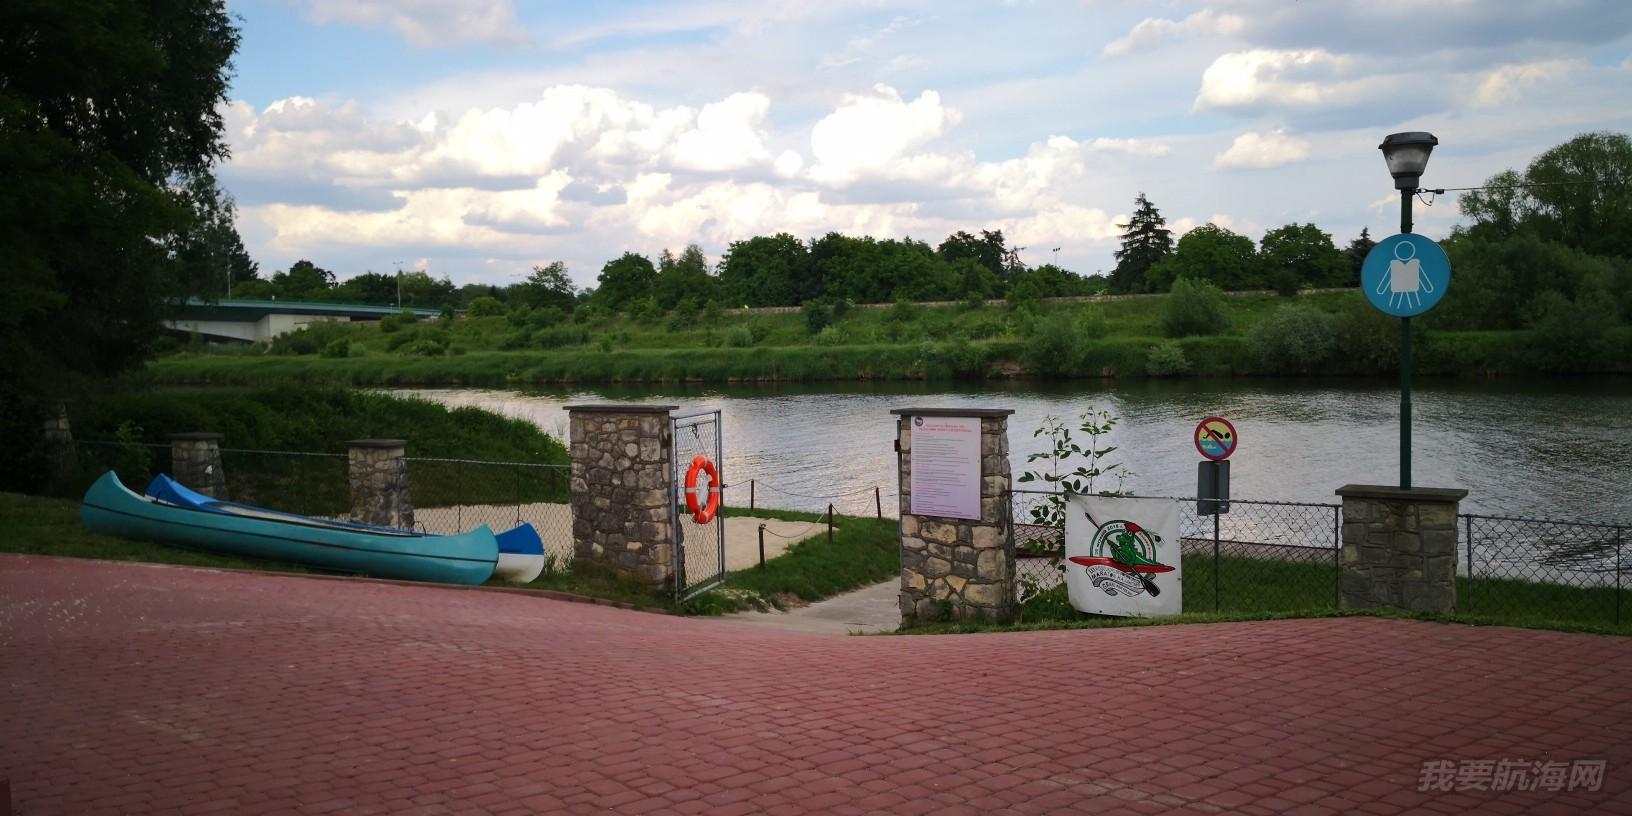 帆船港见闻之波兰克拉科夫市皮划艇培训学校